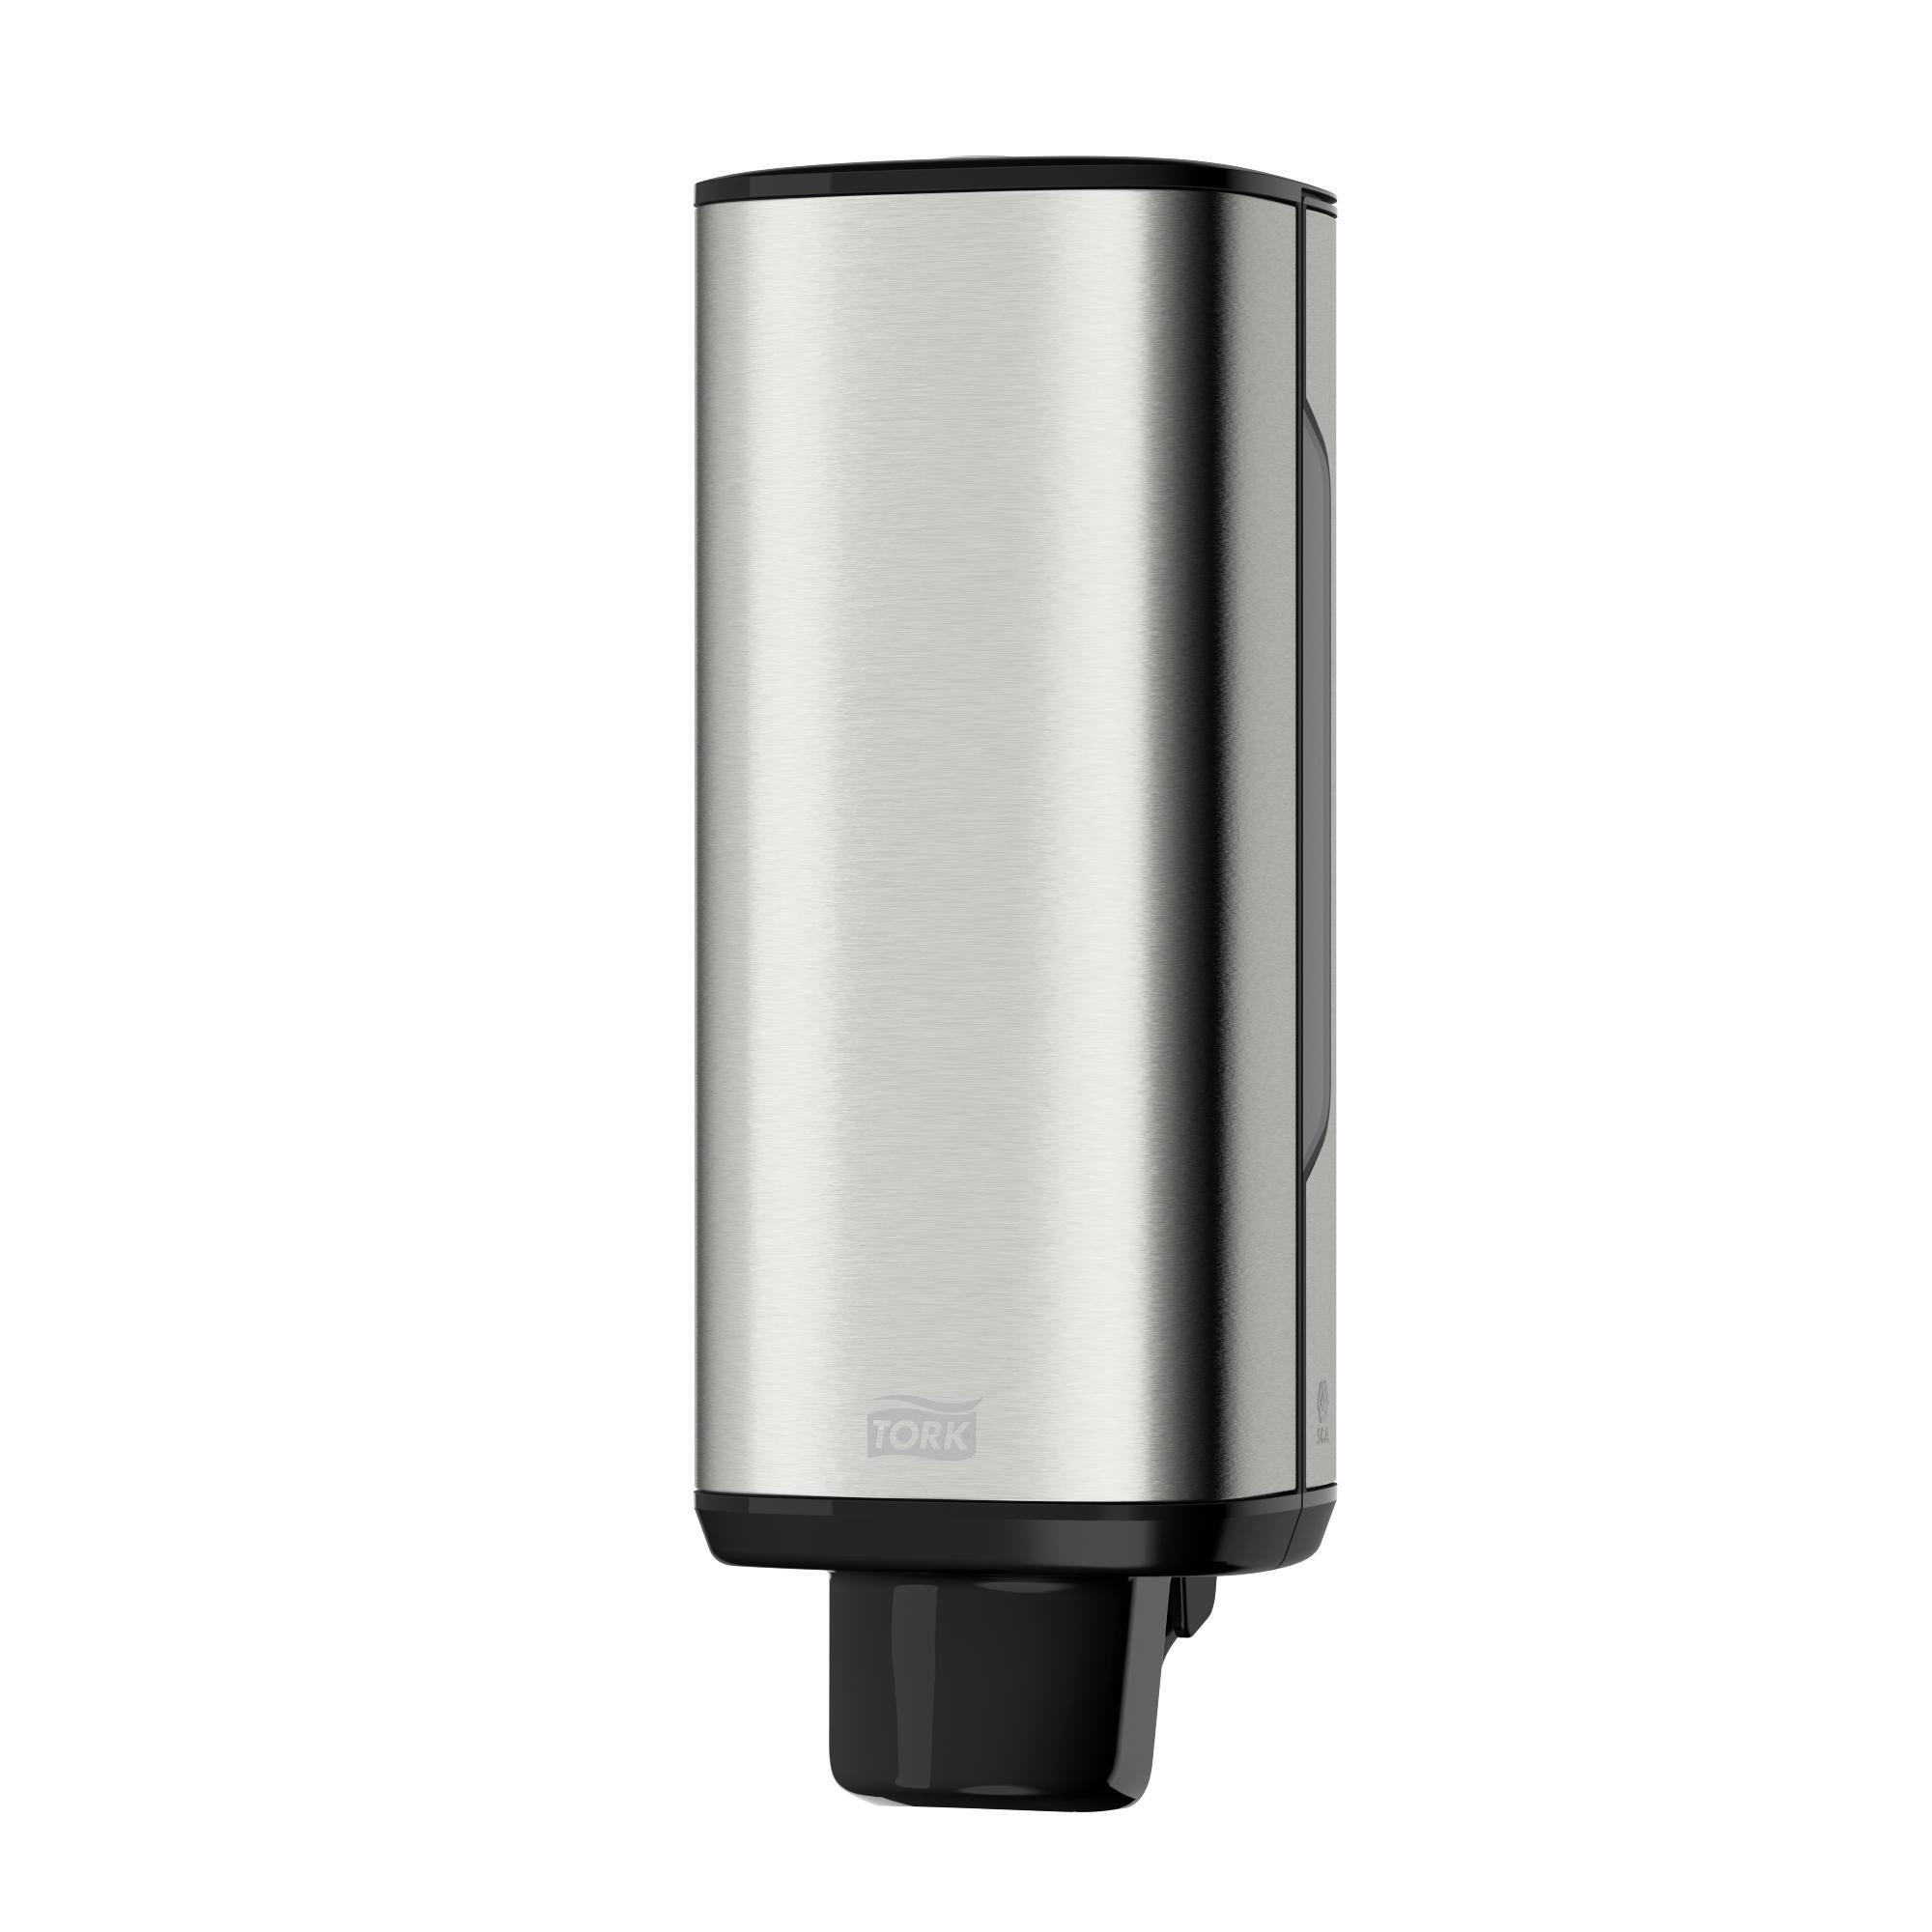 Купить Дозатор для жидкого мыла Tork 460010